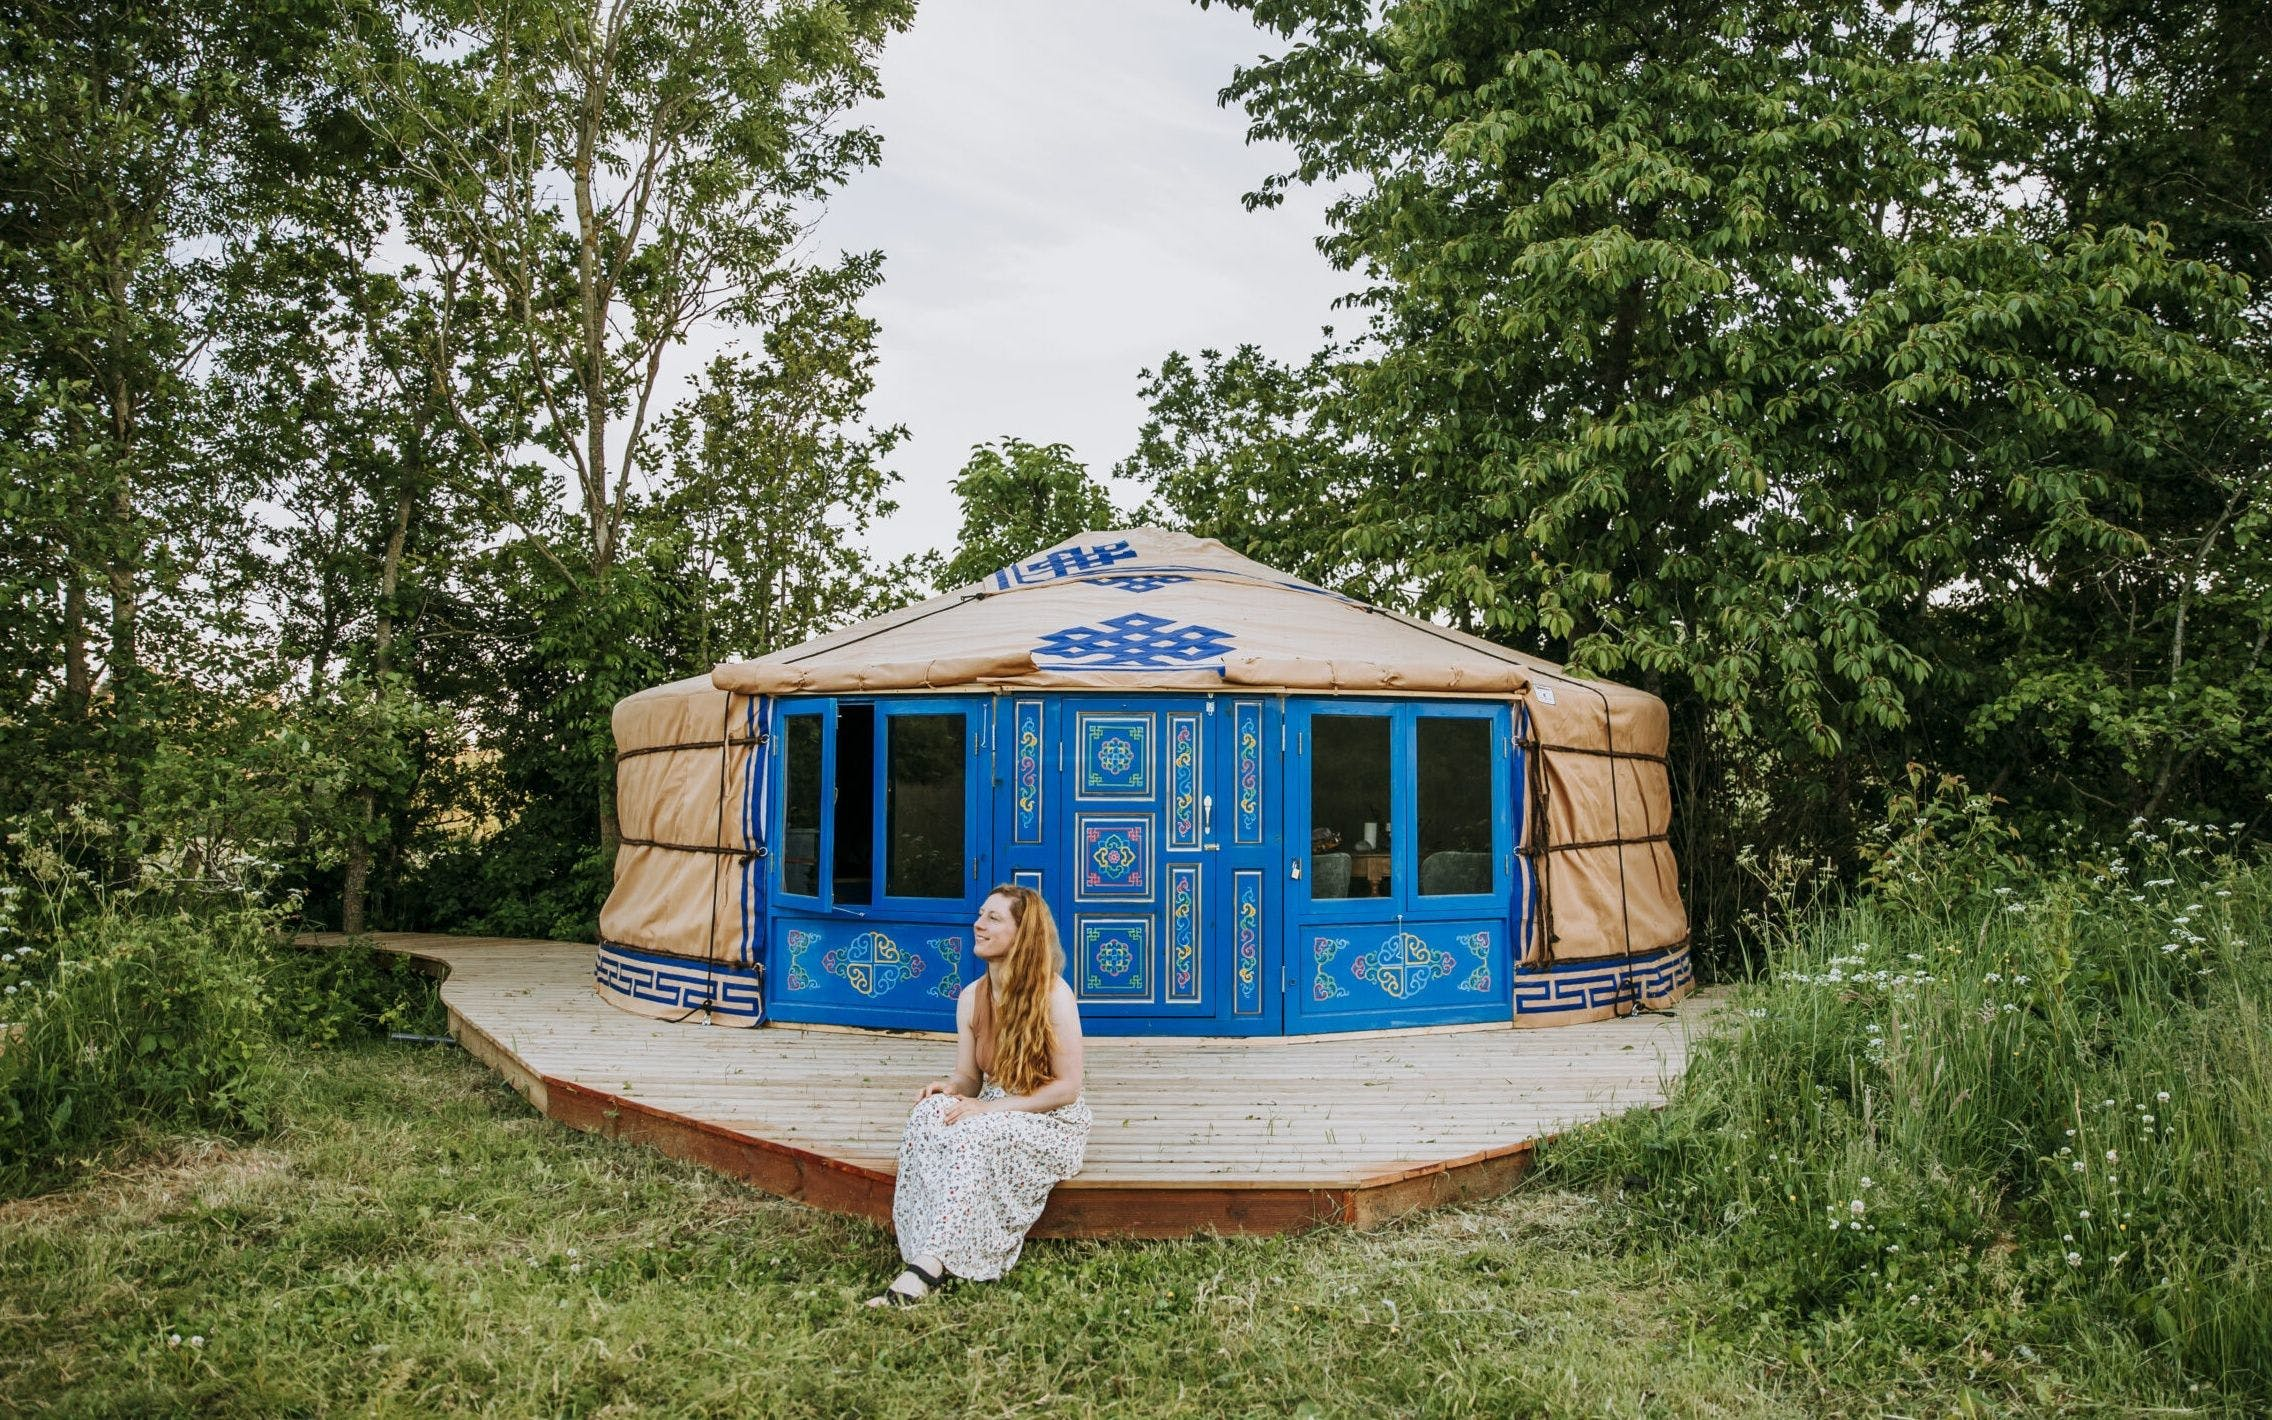 En blå yurt inspirerad av Mongoliet placeras mitt i skog och grönska